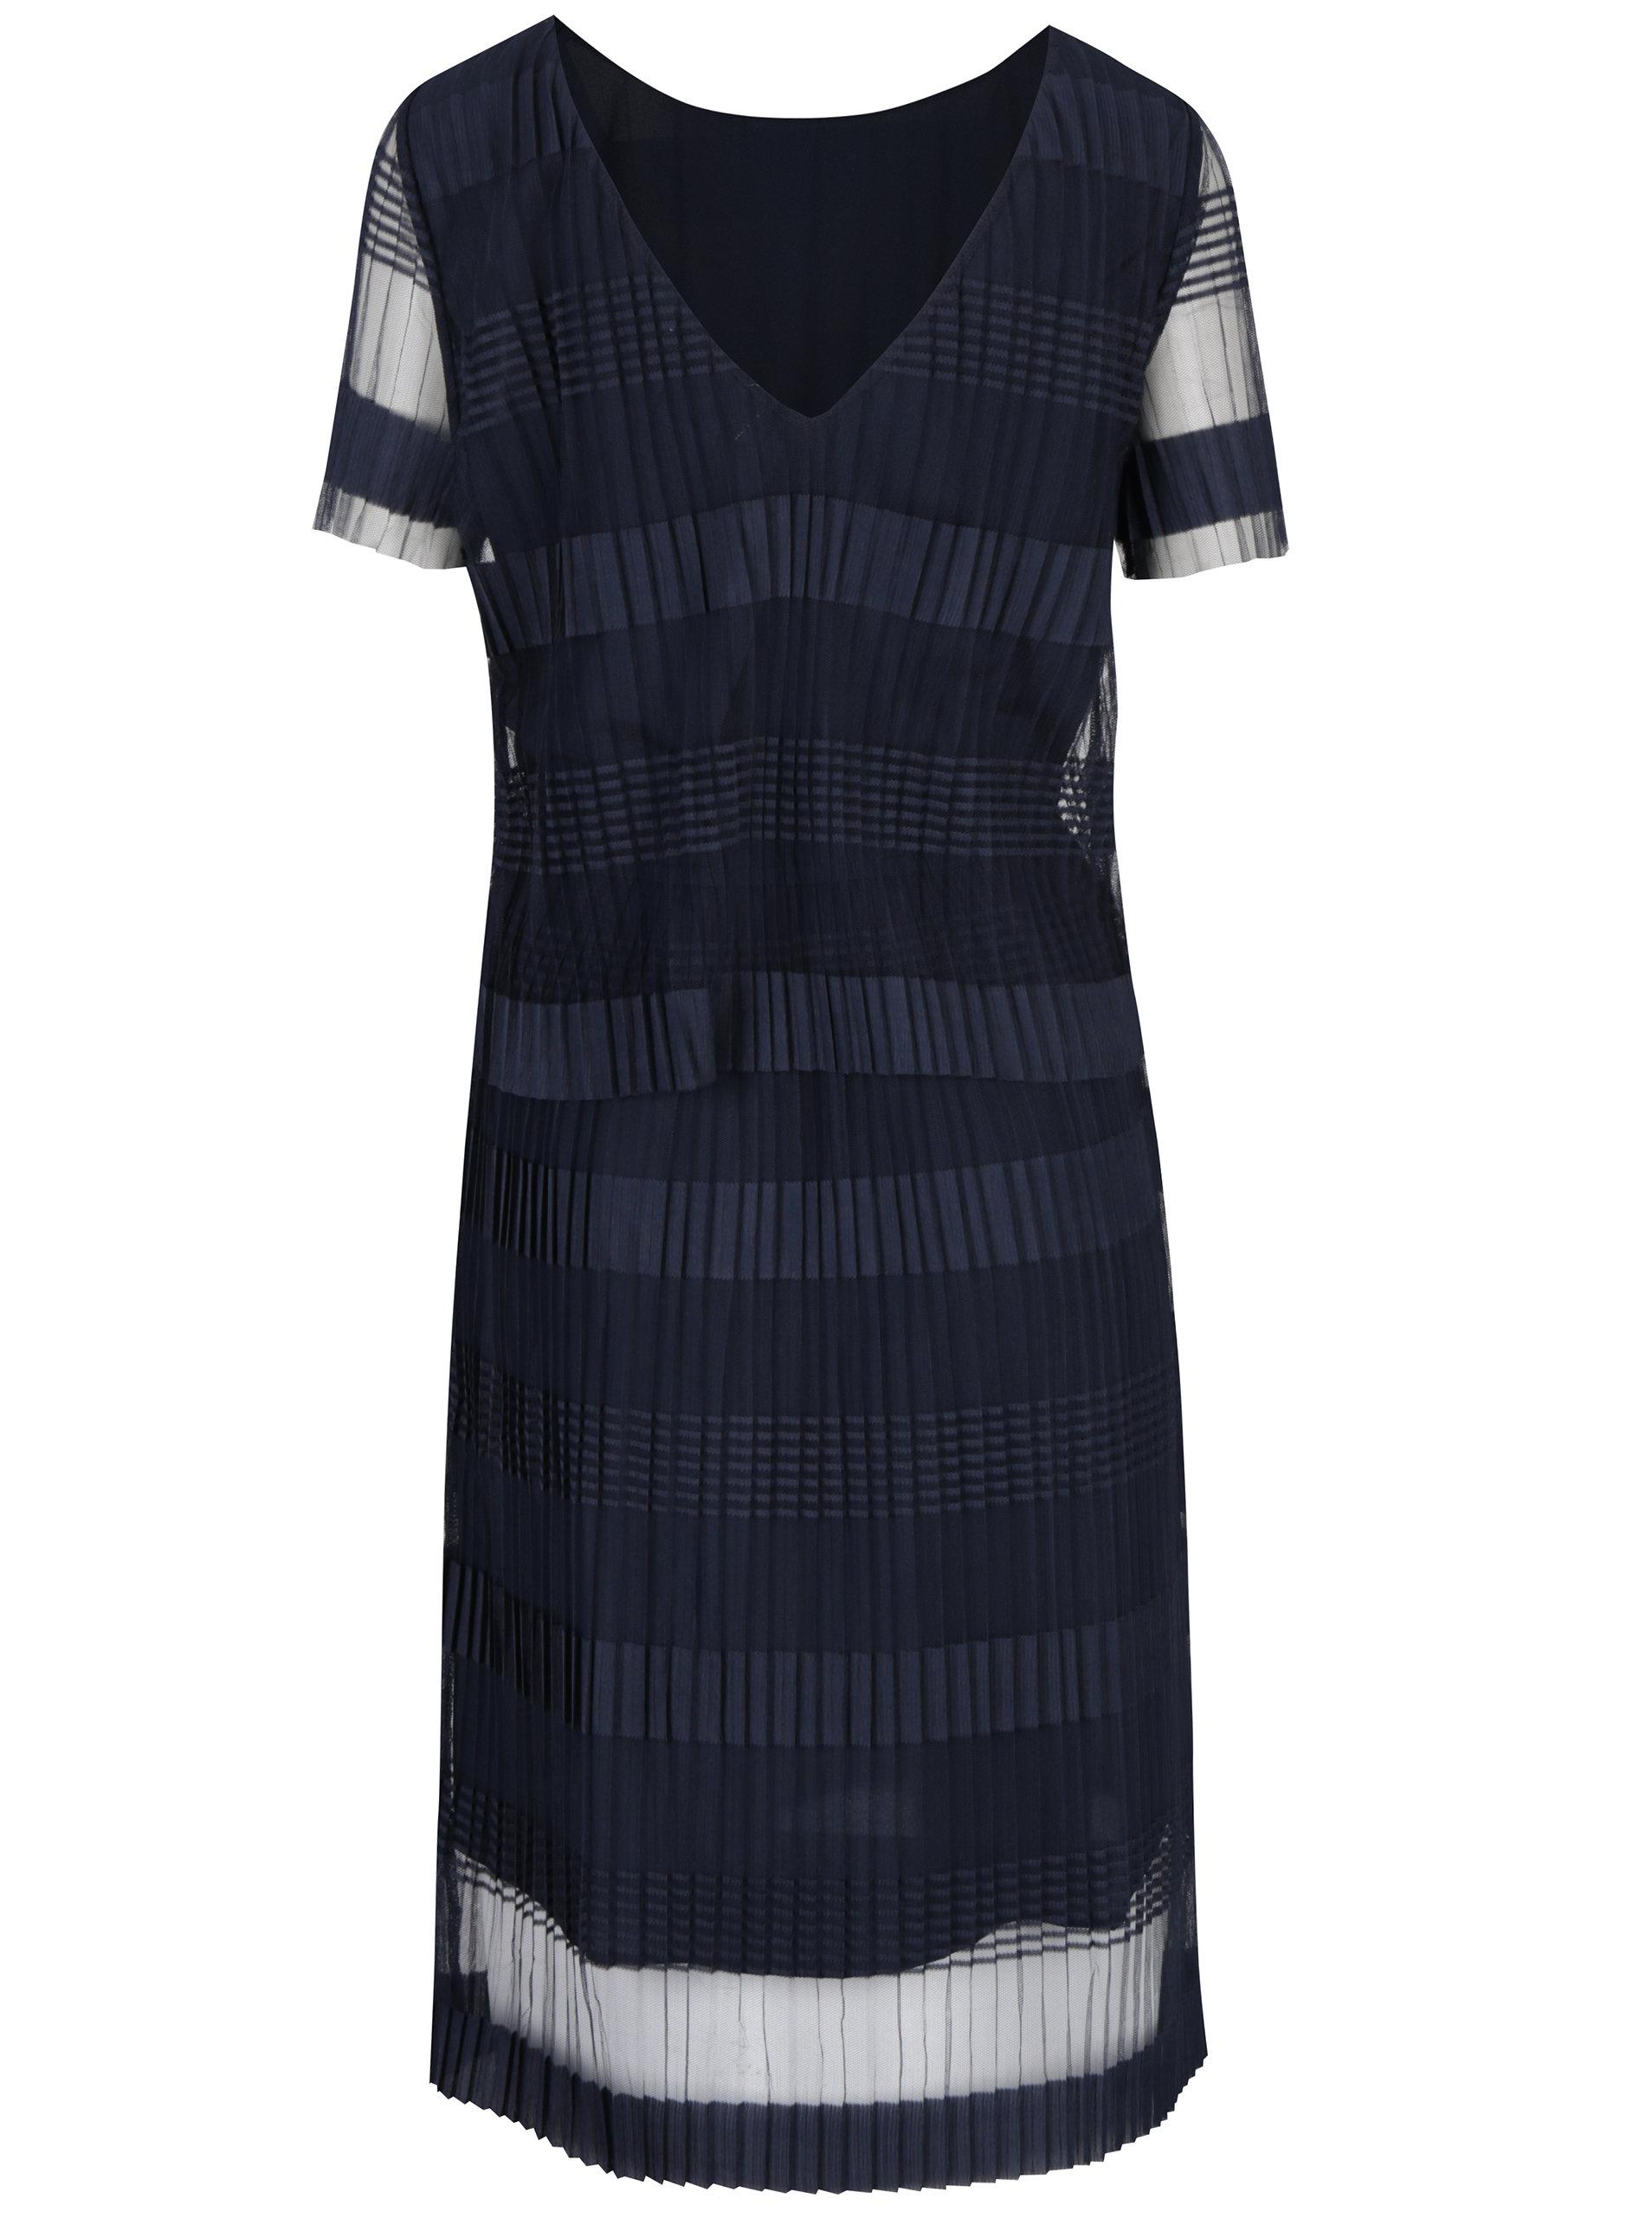 cb21844de91e Tmavomodré plisované šaty s výstrihom na chrbte Selected Femme Lilja ...